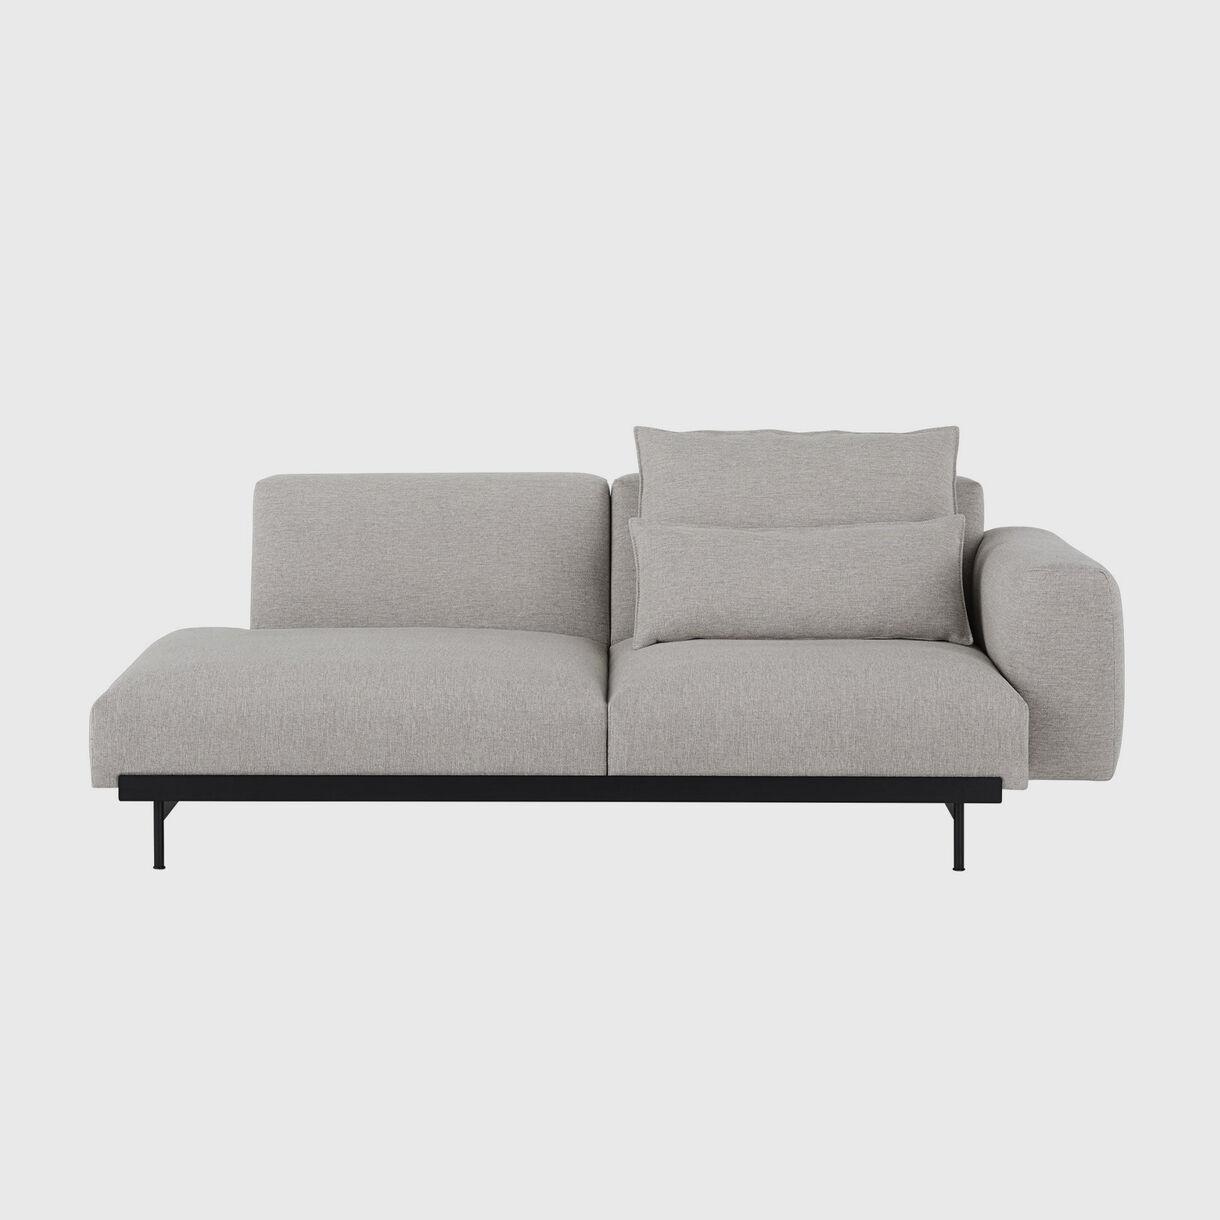 In Situ 2 Seater Sofa, Configuration 2, Clay 12